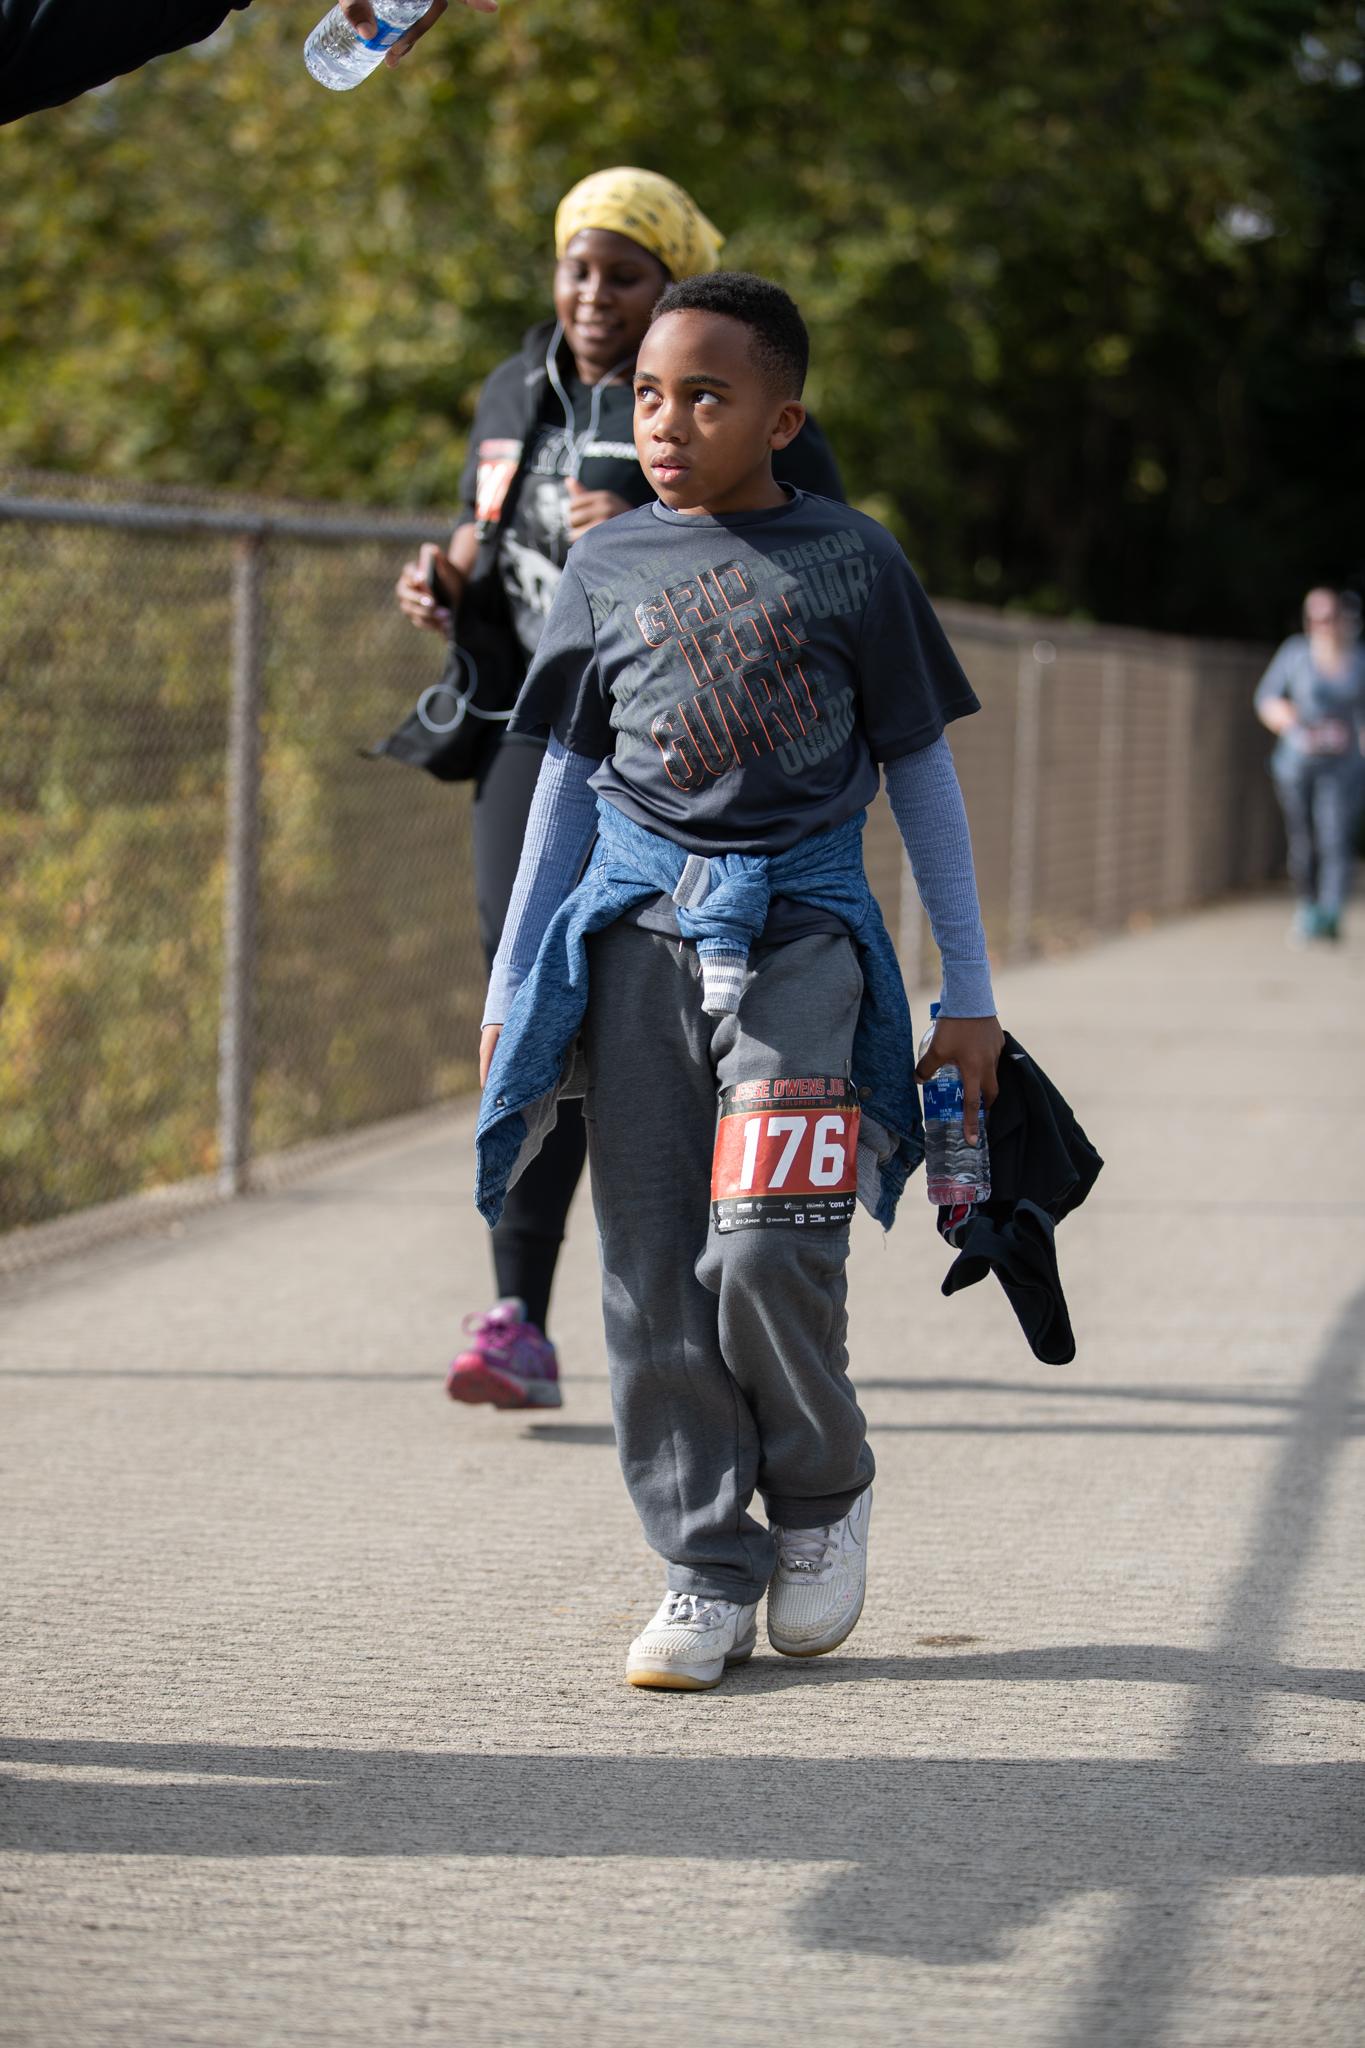 Jesse-Owens-Jog-2018_142_bko.jpg